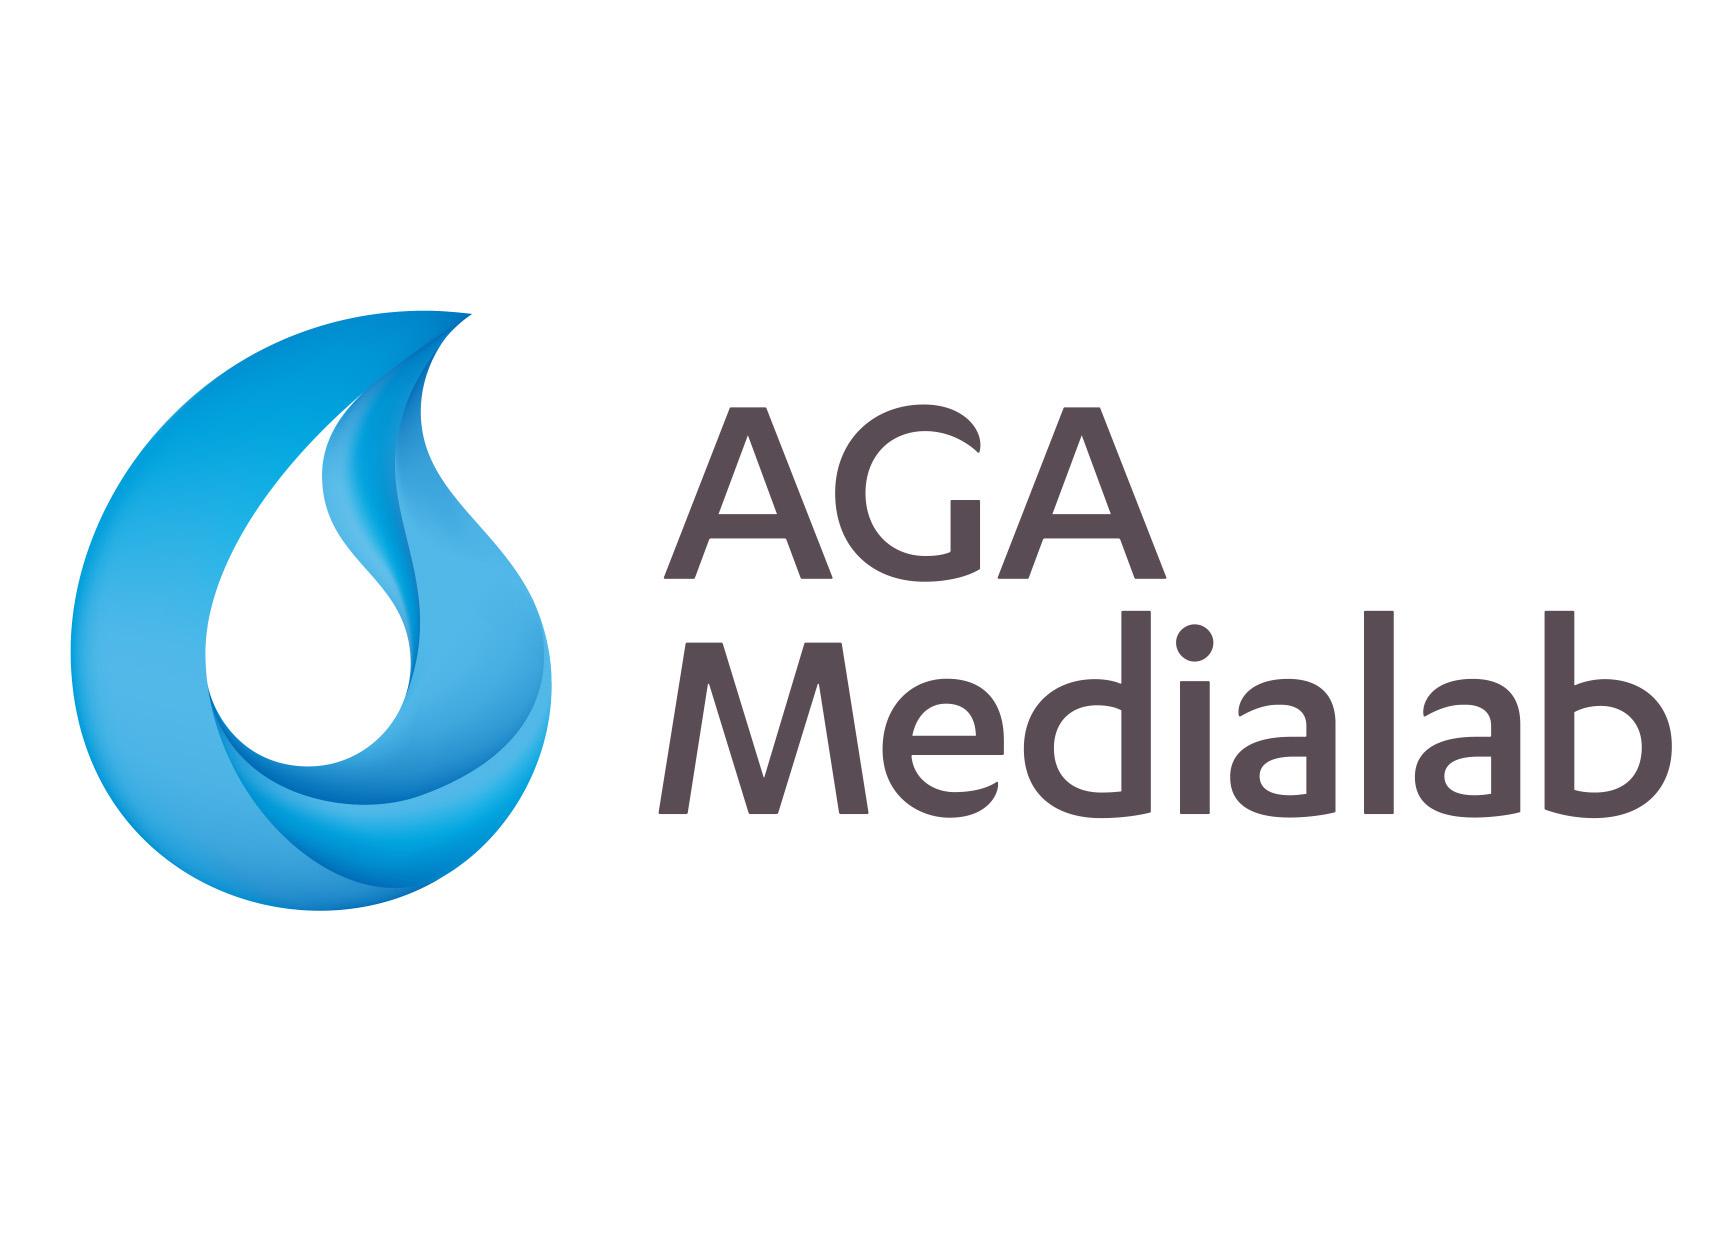 AGA Medialab